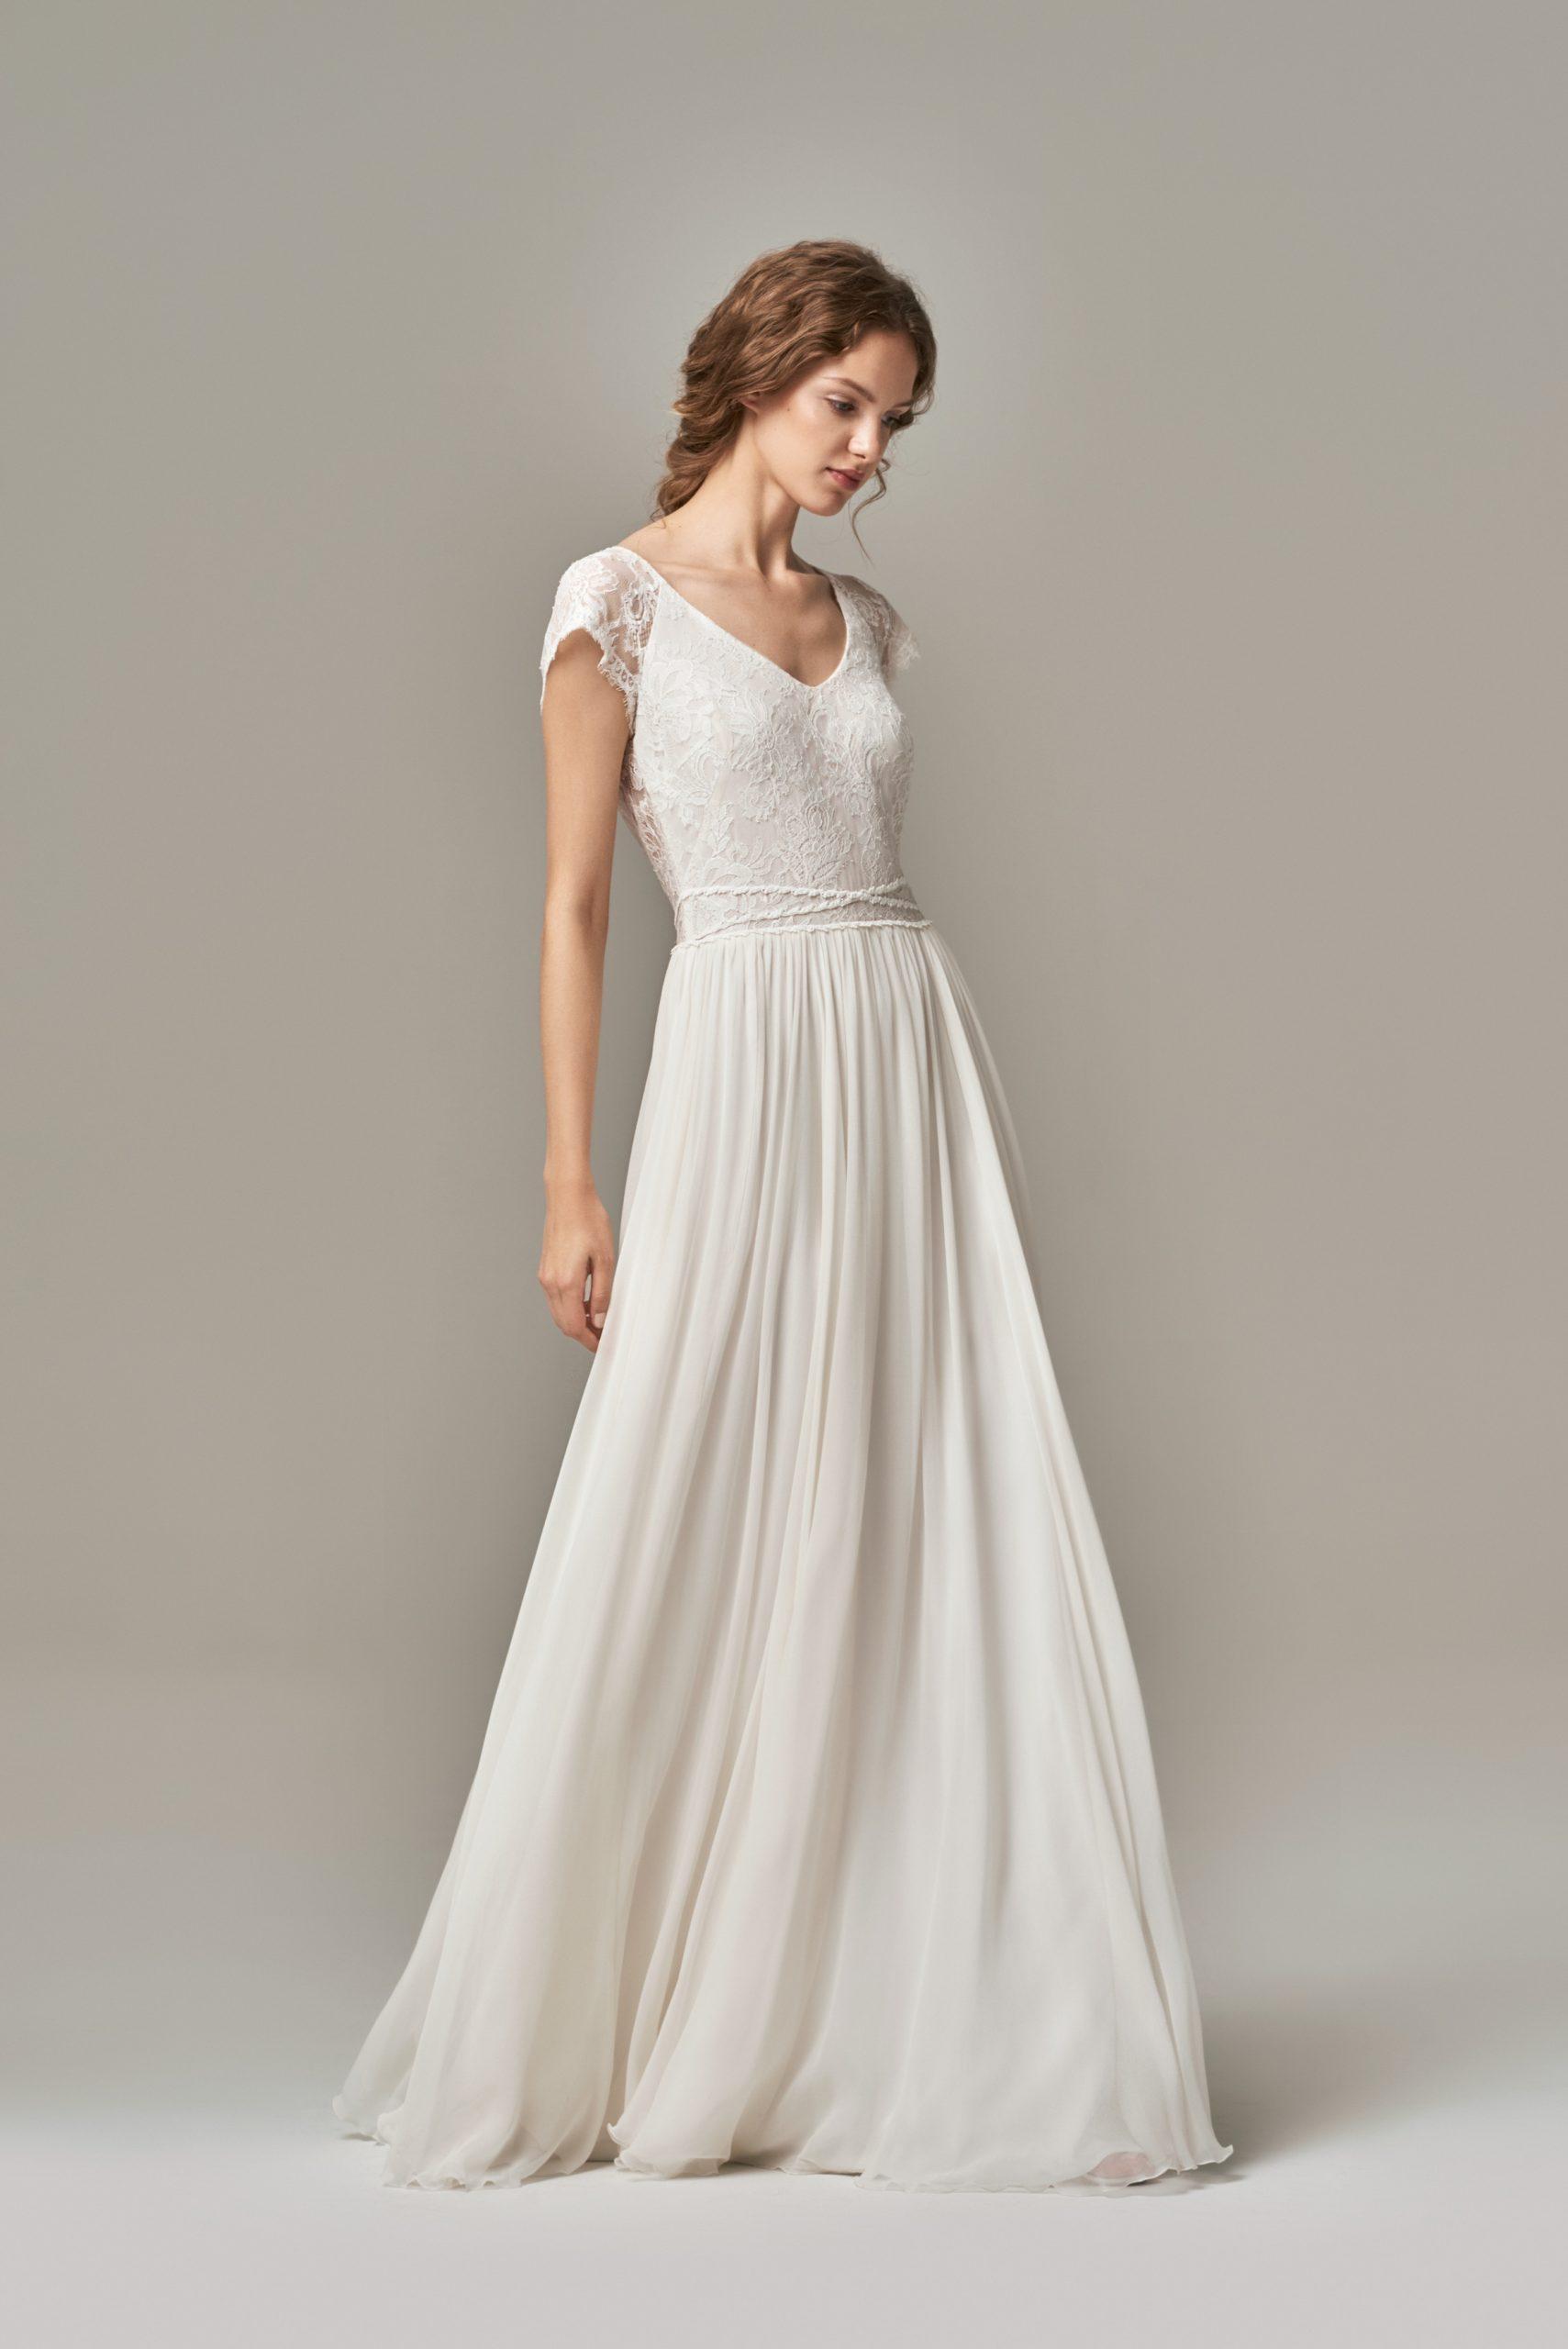 Brautkleid Vintage | Hochzeitskleid Vintage | Brautmode Vintage